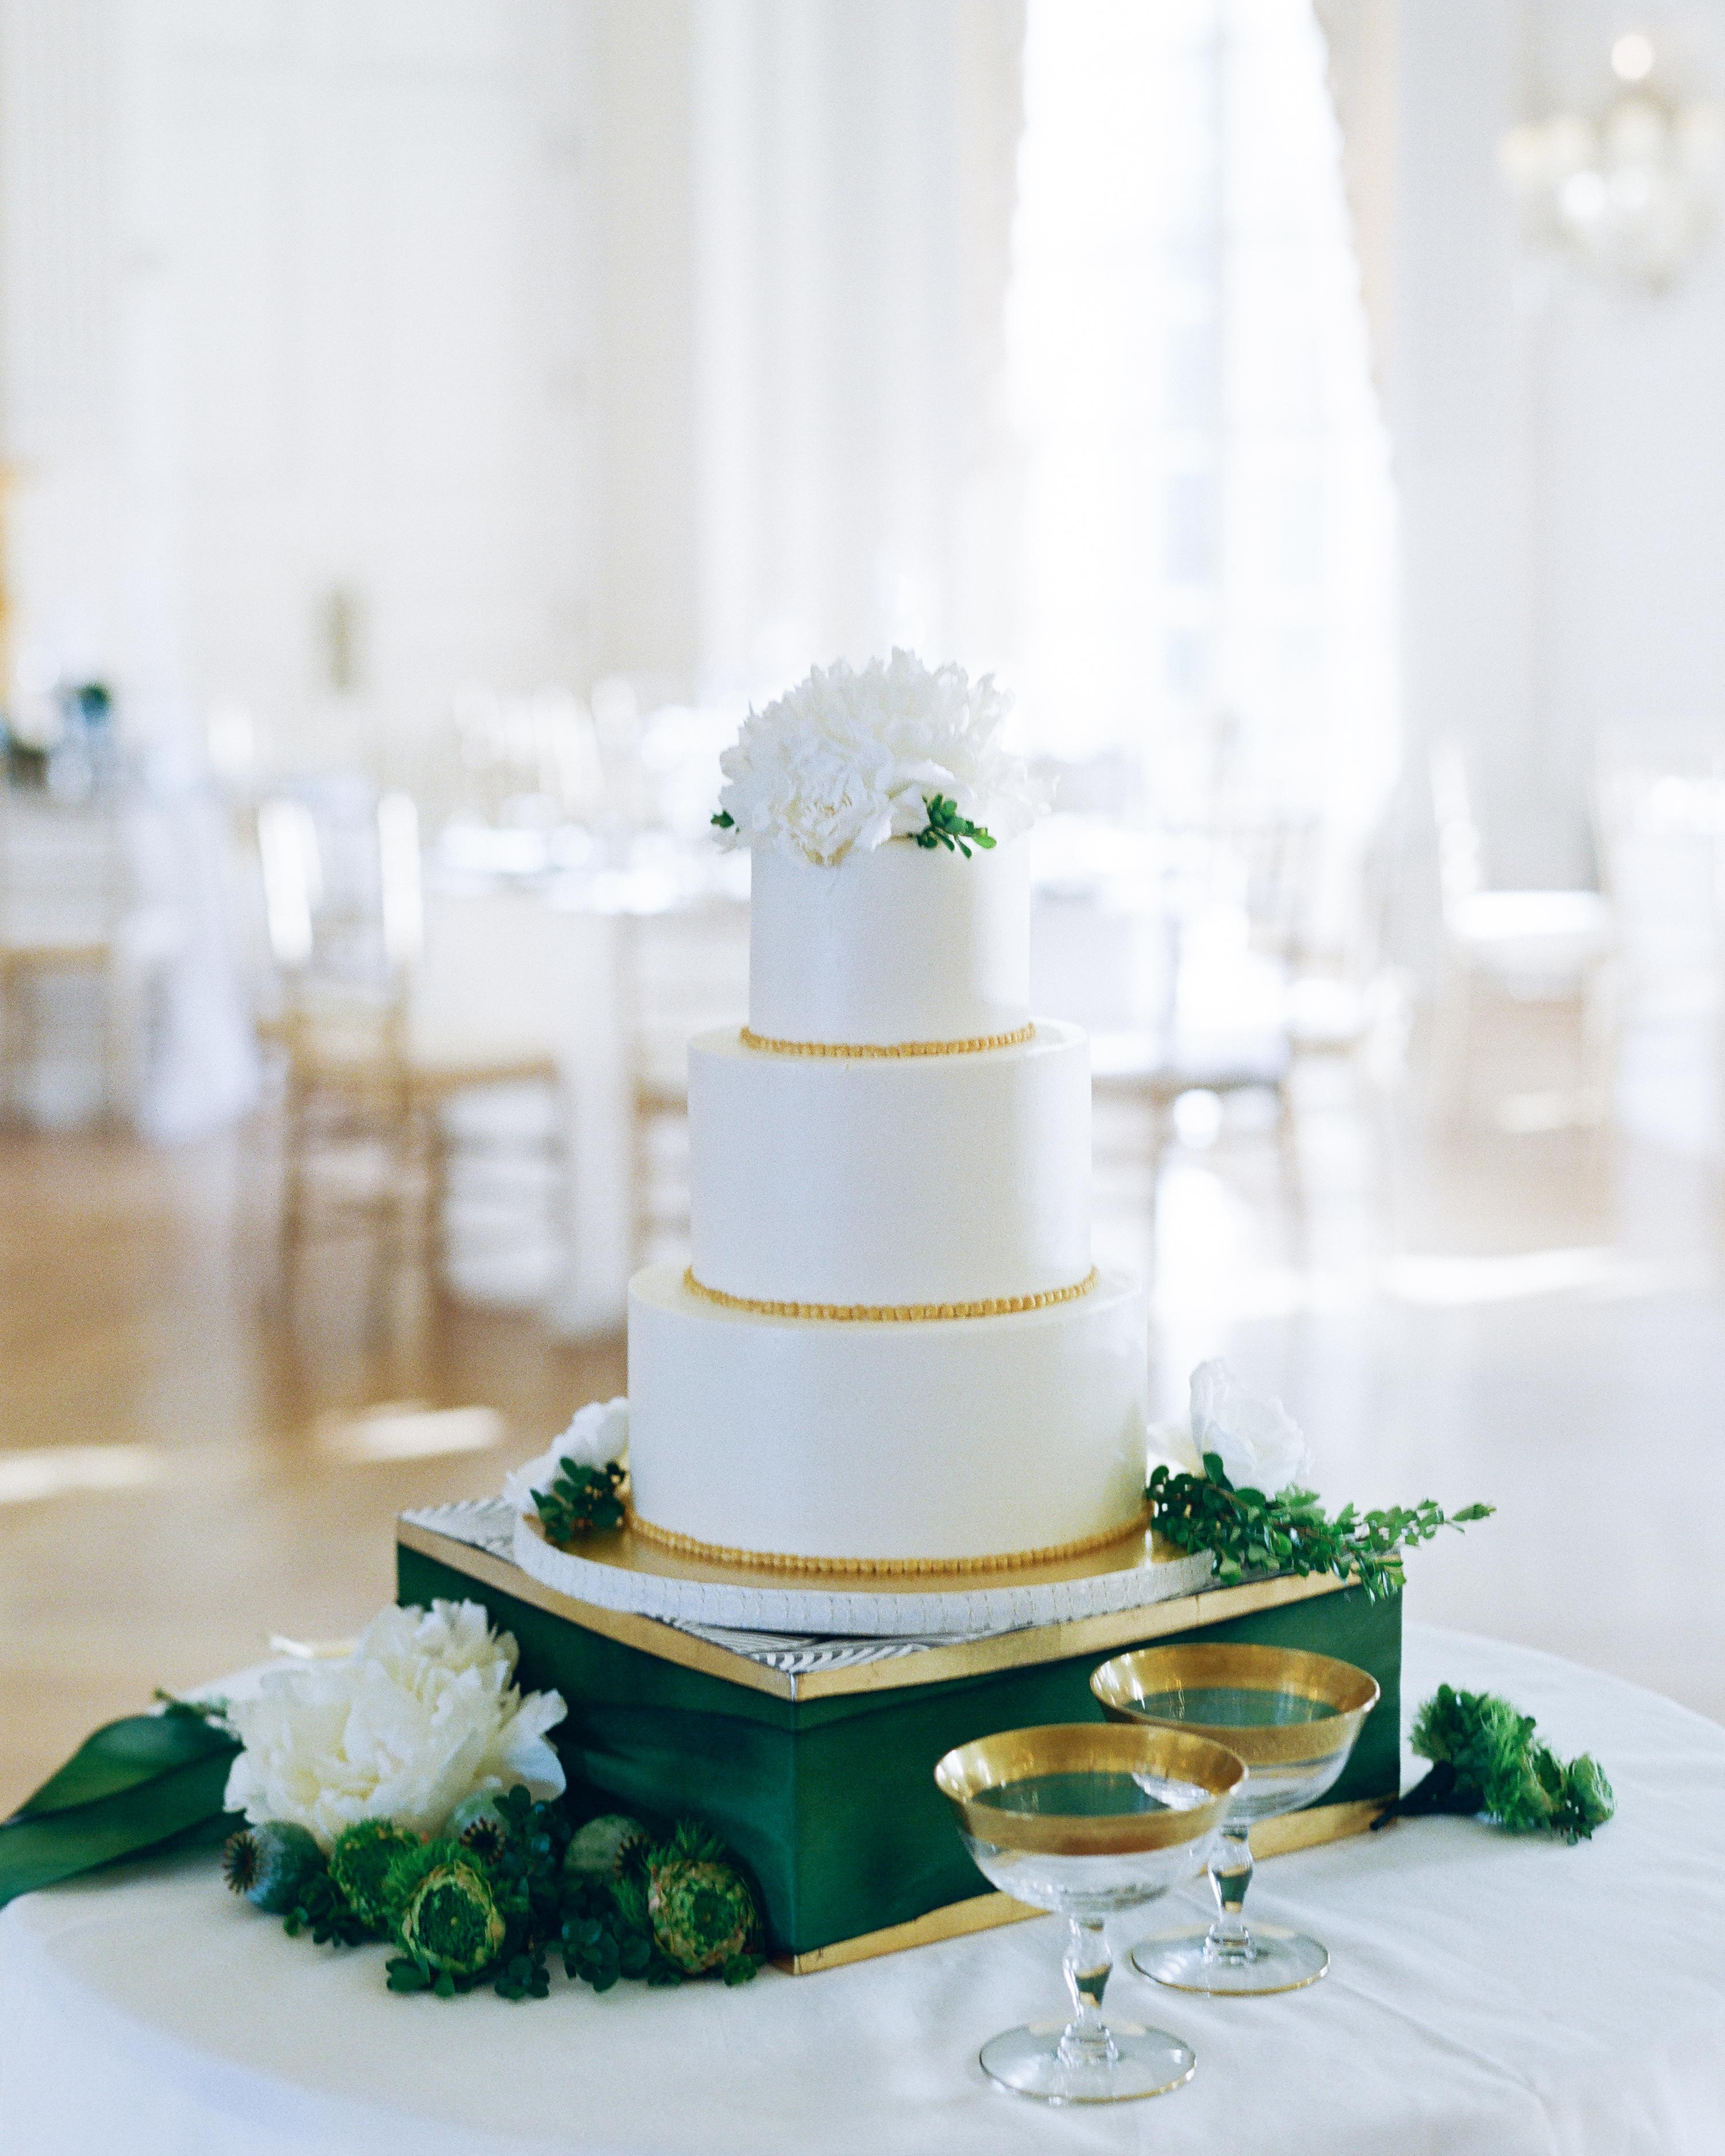 lissy-steven-wedding-newport-cake-032-elizabethmessina-s112907-0516.jpg